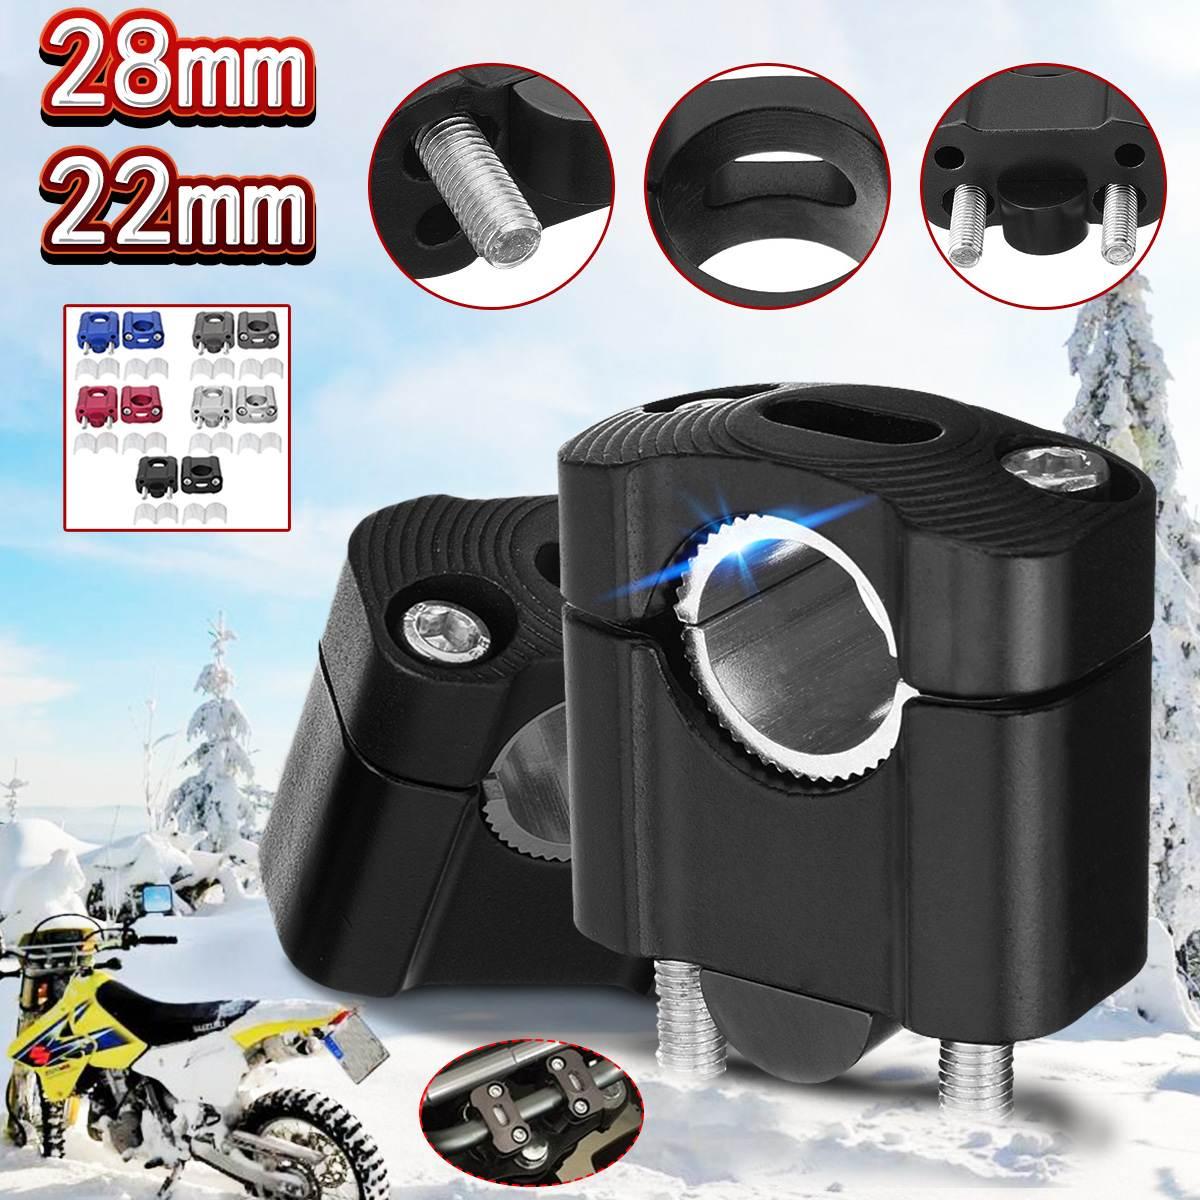 Universal 22mm 28mm Motorcycle Handlebar CNC Bar Clamps Handlebar Risers For 7 8inch 1-1 8 Pit Dirt Clamp Riser Taper Dirt Bike